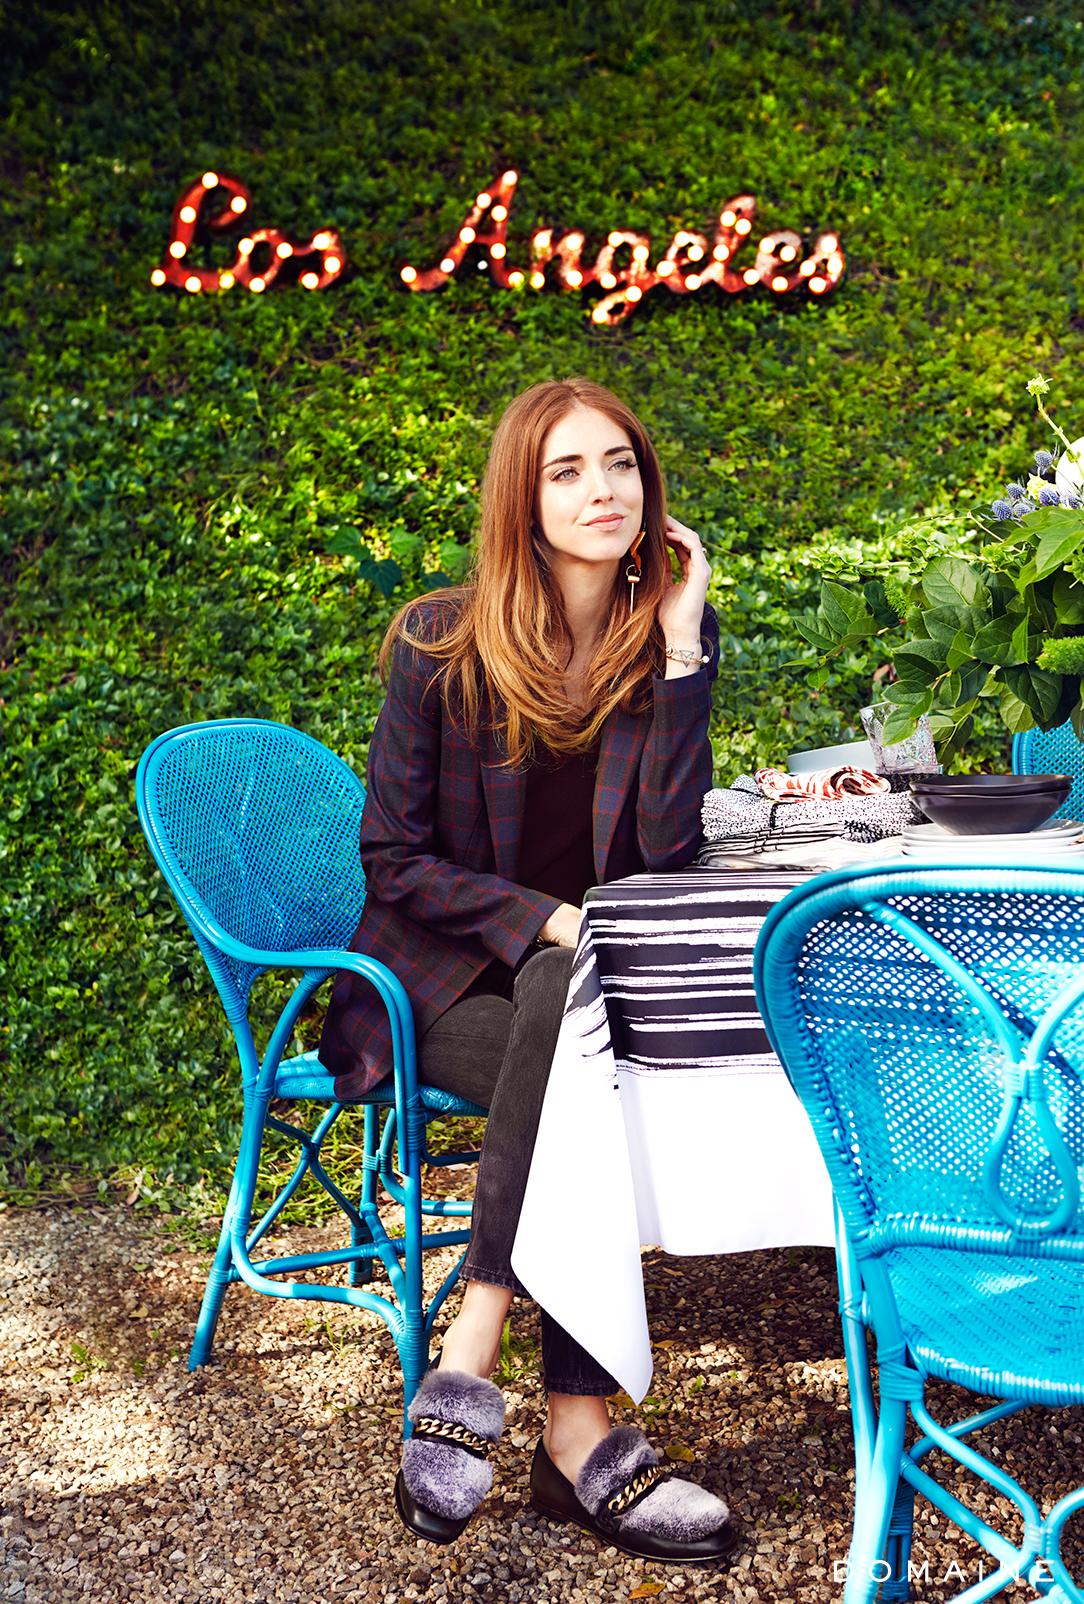 Chiara Ferragni Los Angeles home12